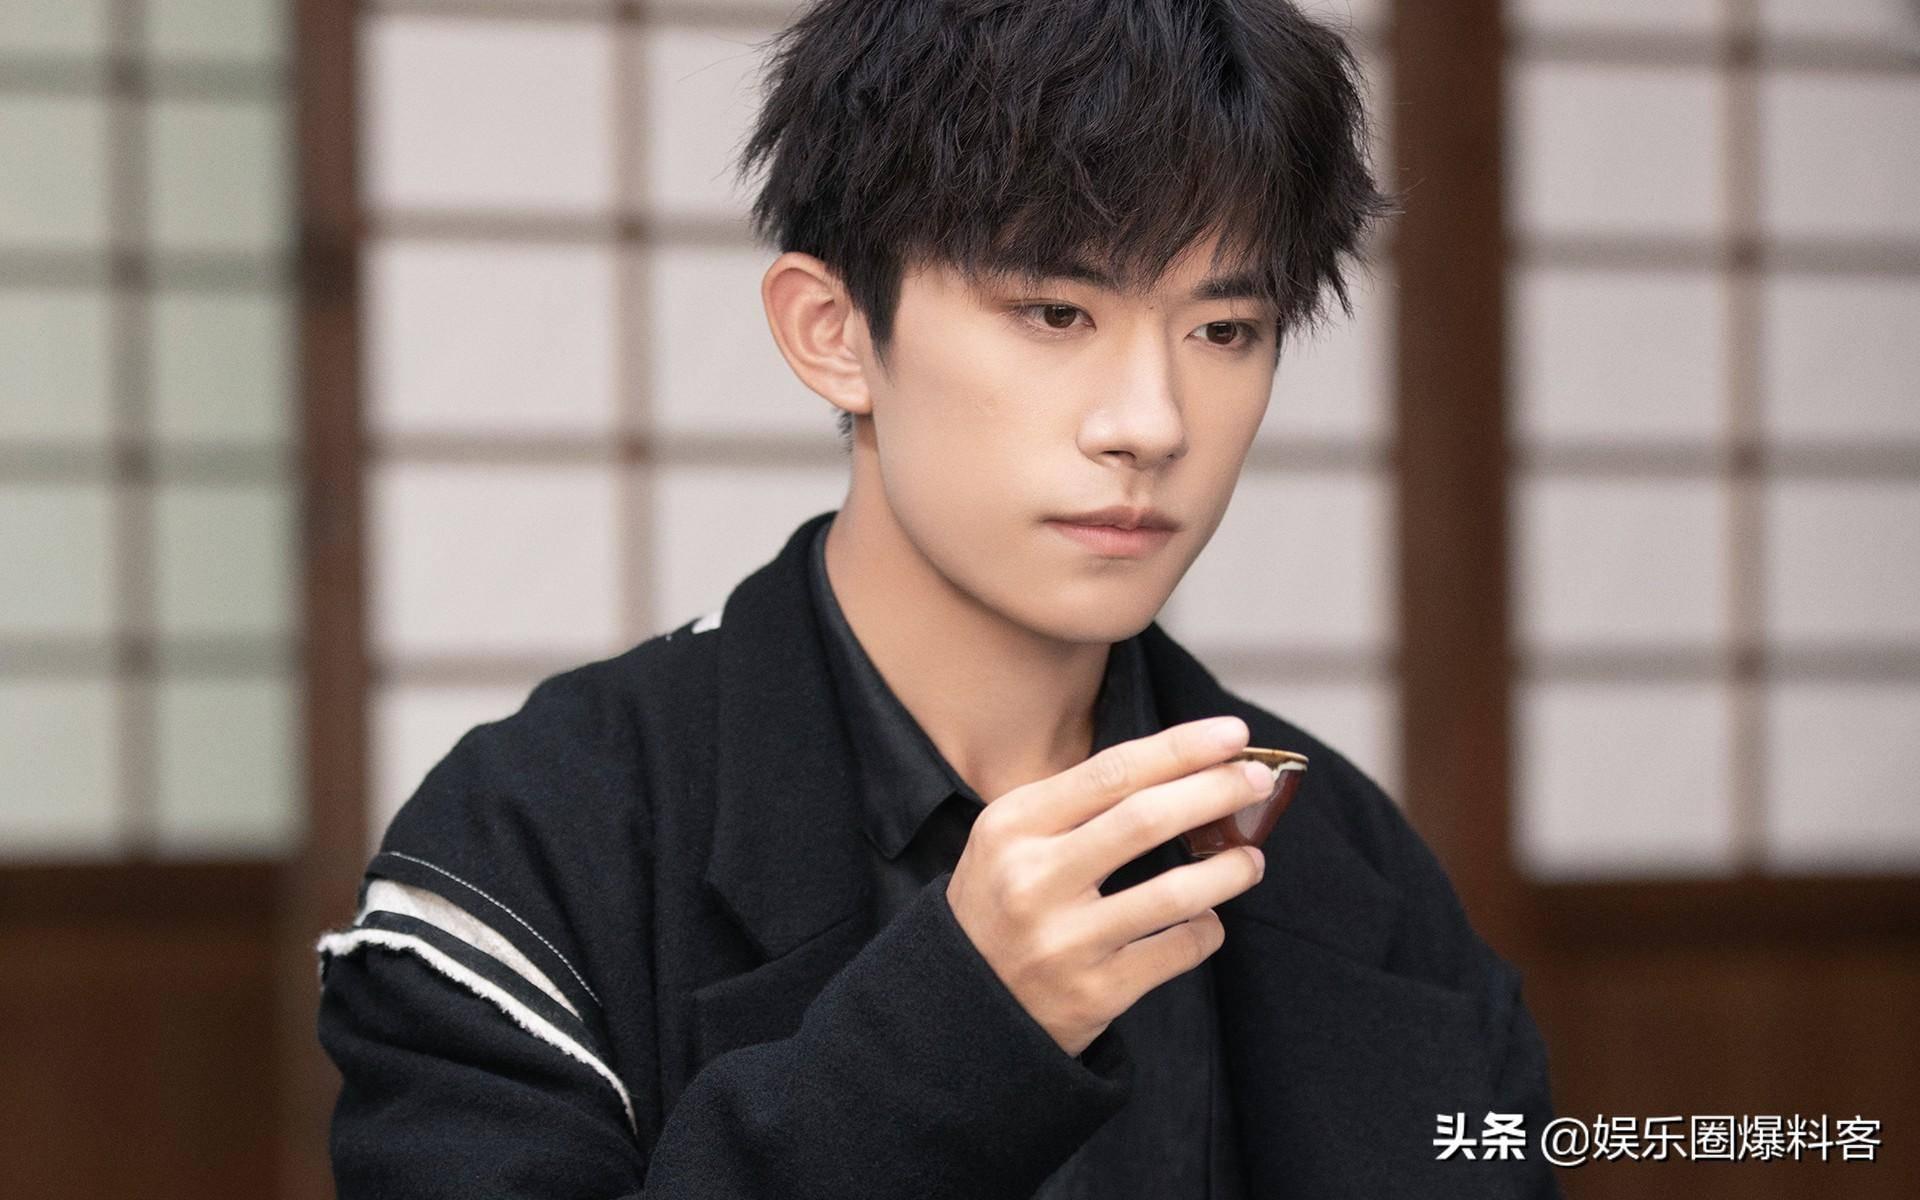 娱乐突发新闻:杰克森·易 七岁 陈星旭 宝